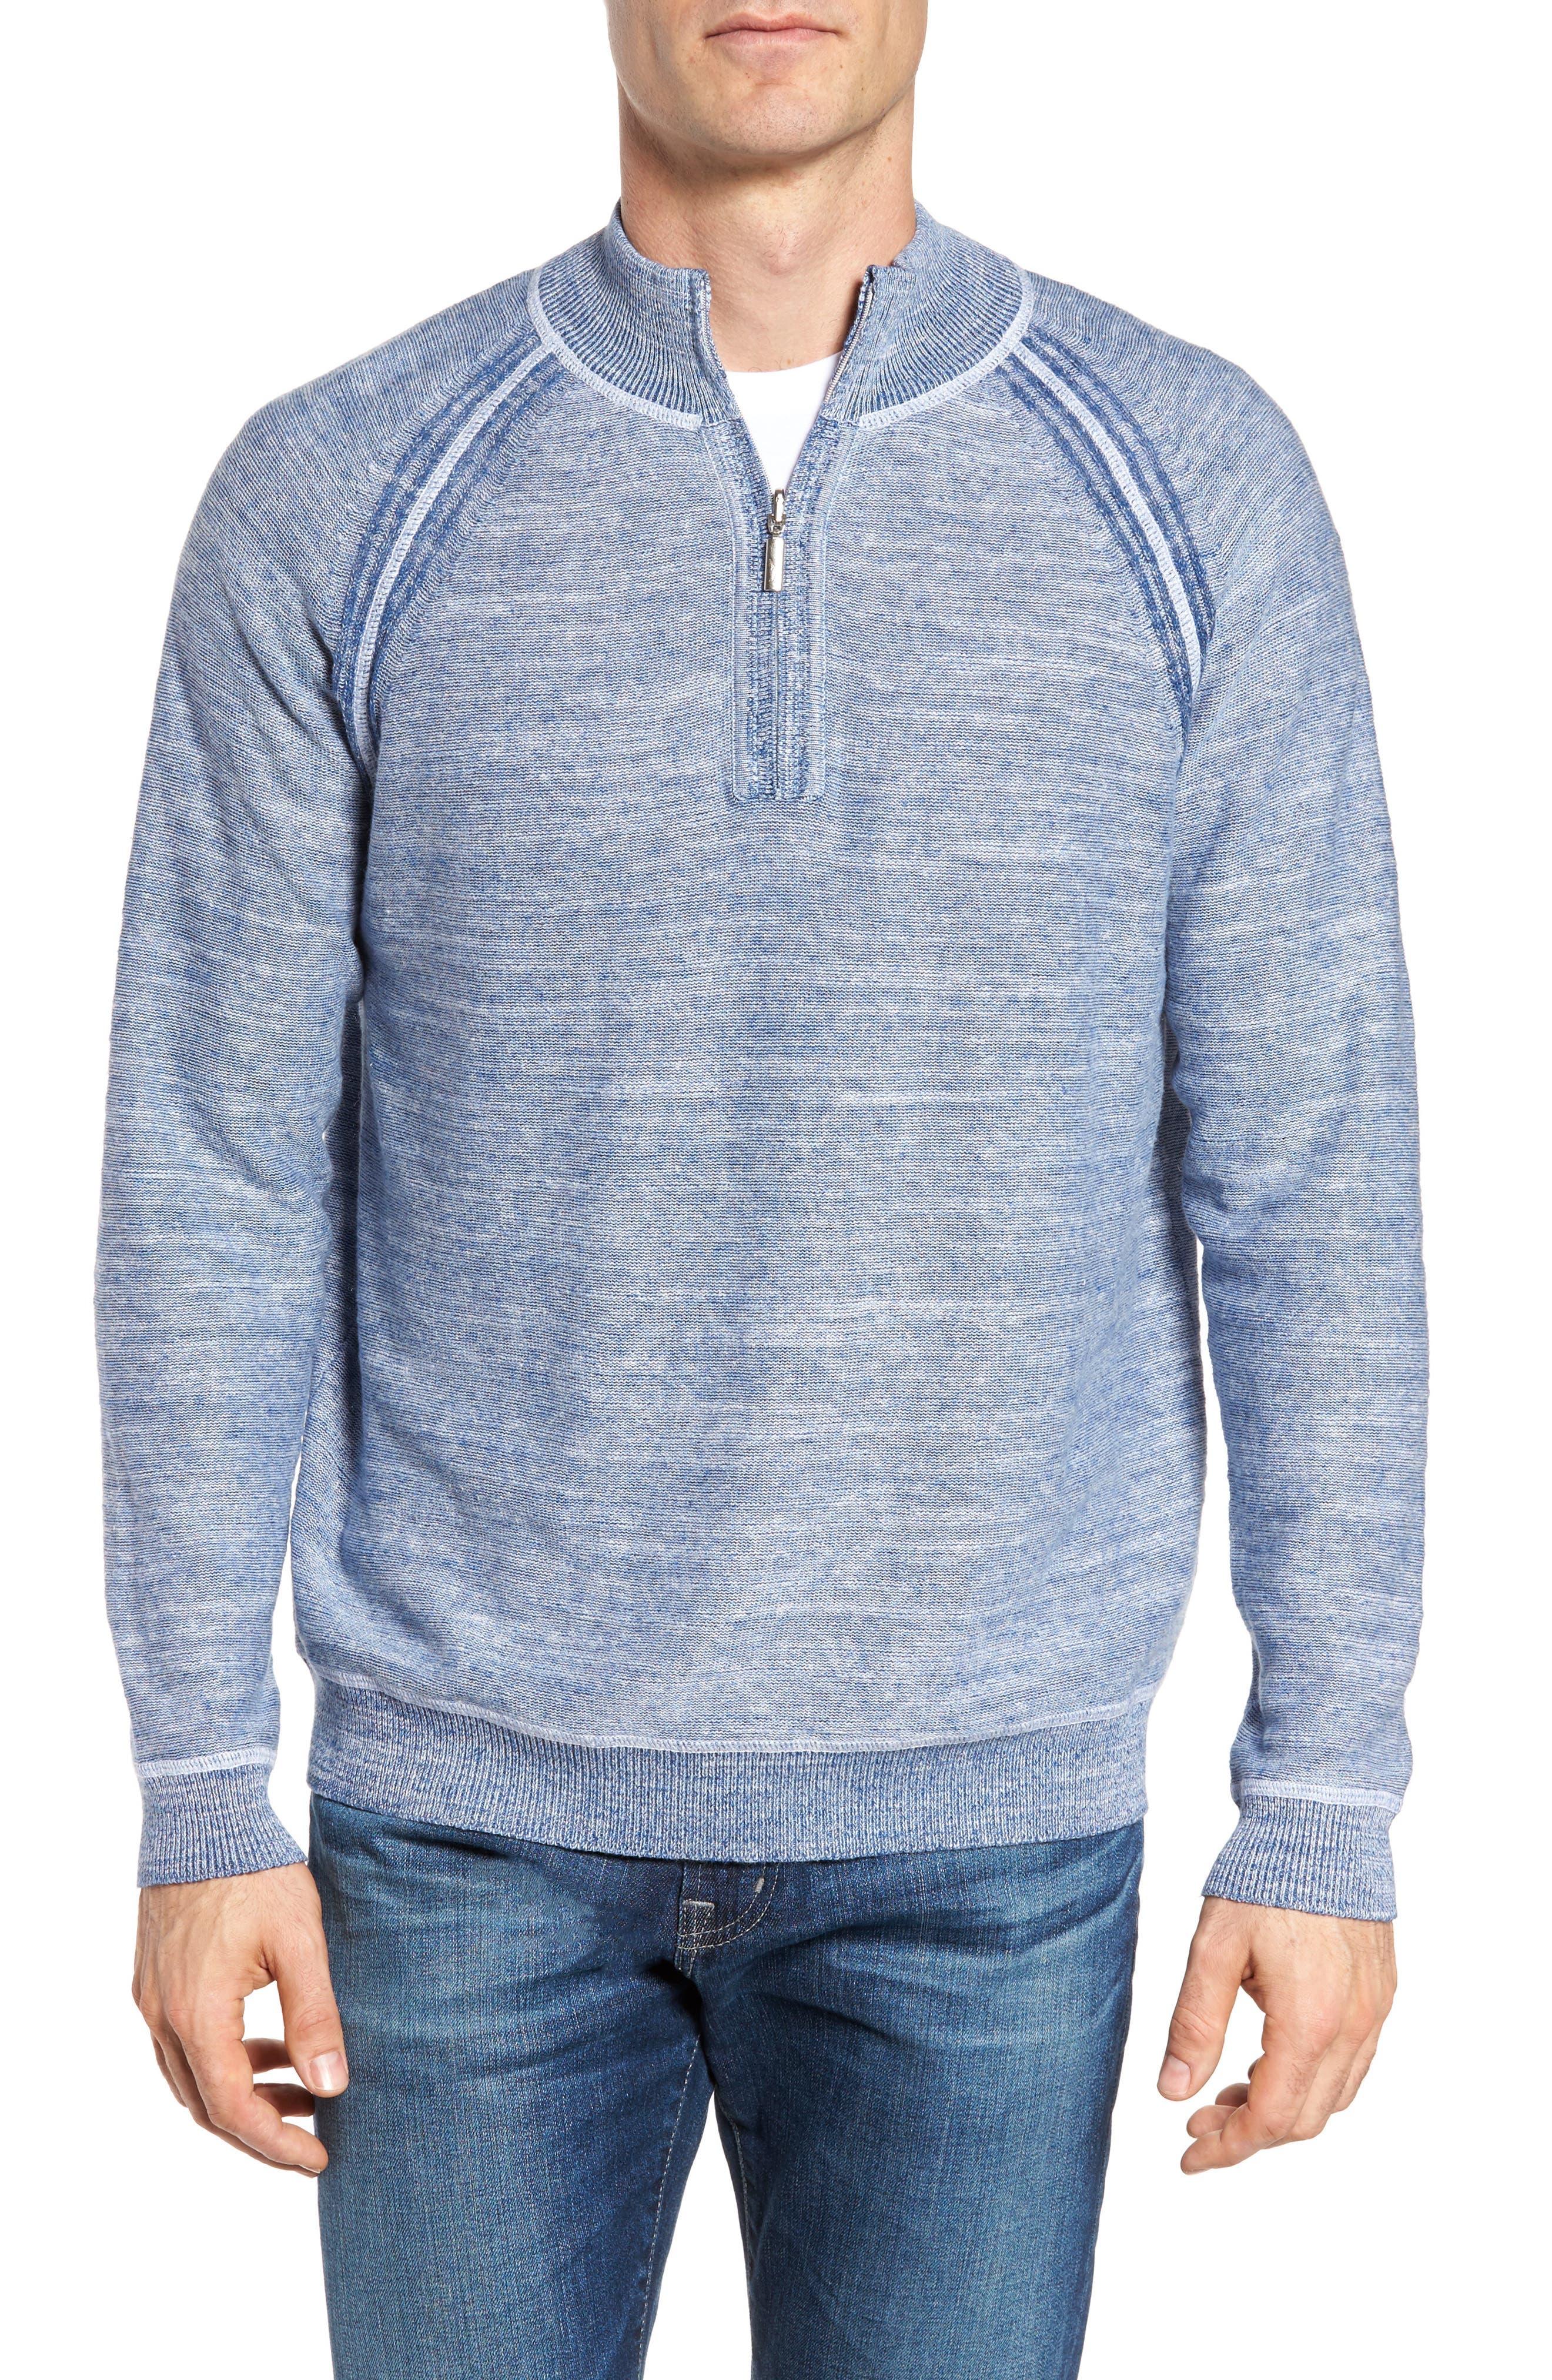 Sandy Bay Half-Zip Pullover,                         Main,                         color, Galaxy Blue Heather